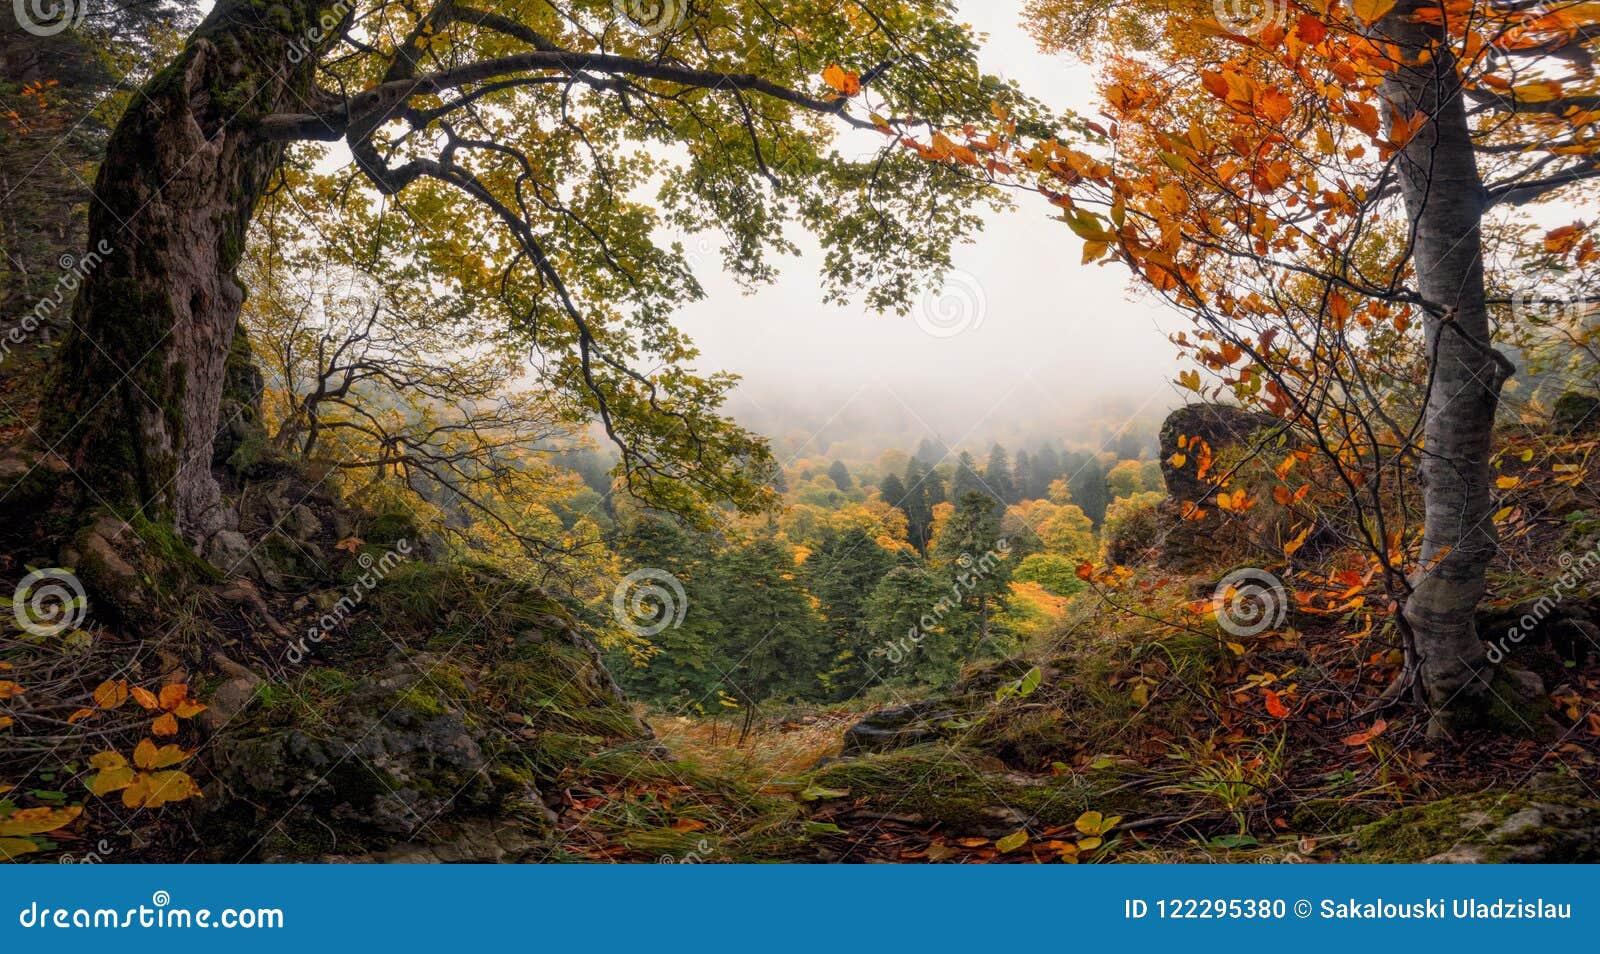 WI panoramiques de Misty Valley And Colorful Autumn Forest Enchanted Autumn Foggy Forest de montagne d Autumn Forest Landscape Wi